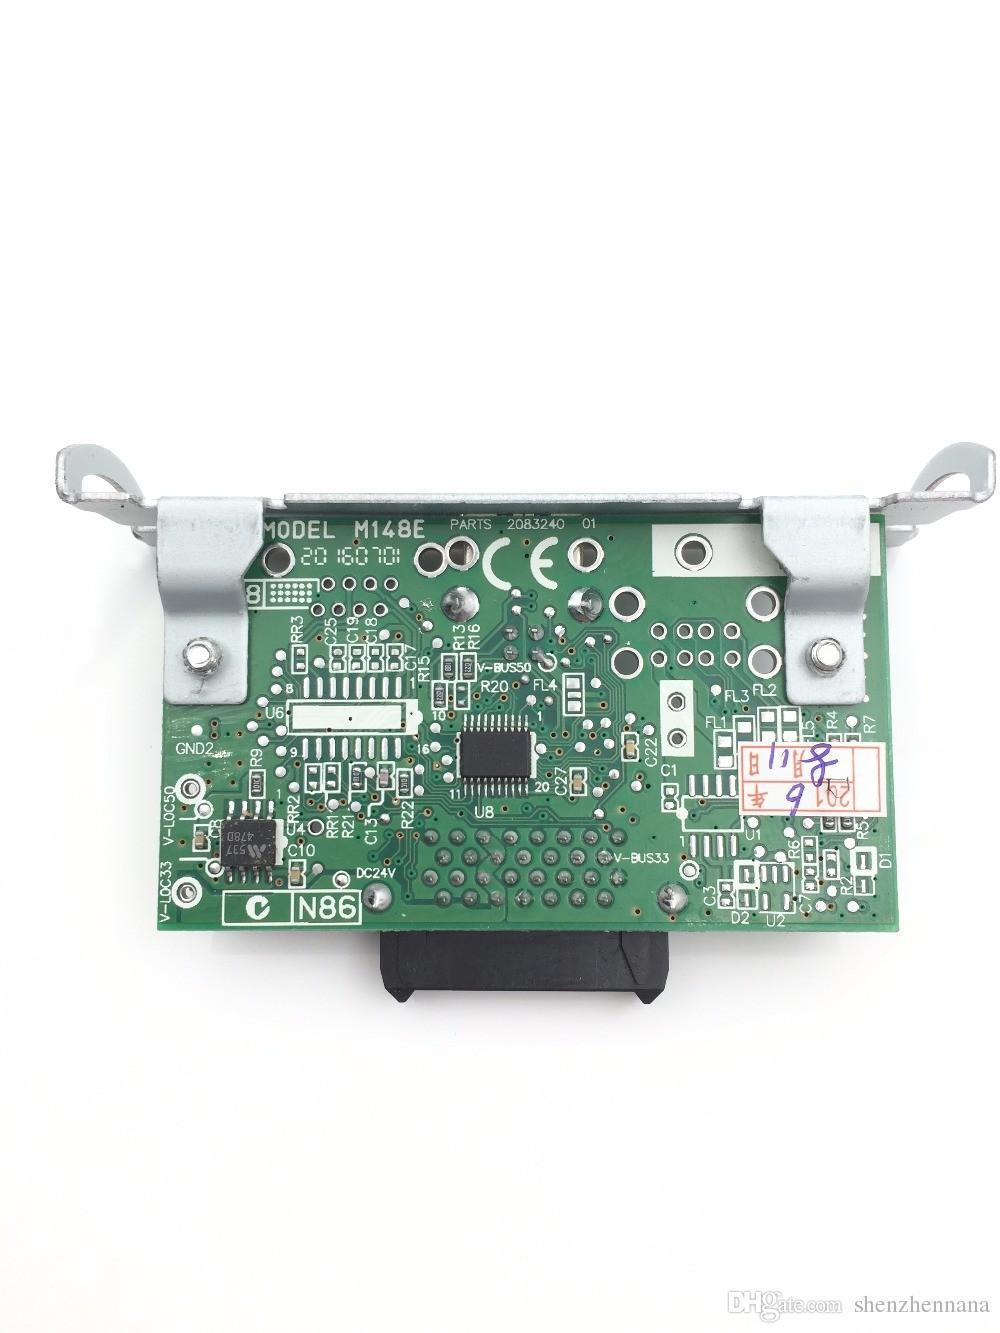 M148E USB Port Interface Card for EP TM-H5000II H6000IV J7000 J7100 J7500 J7600